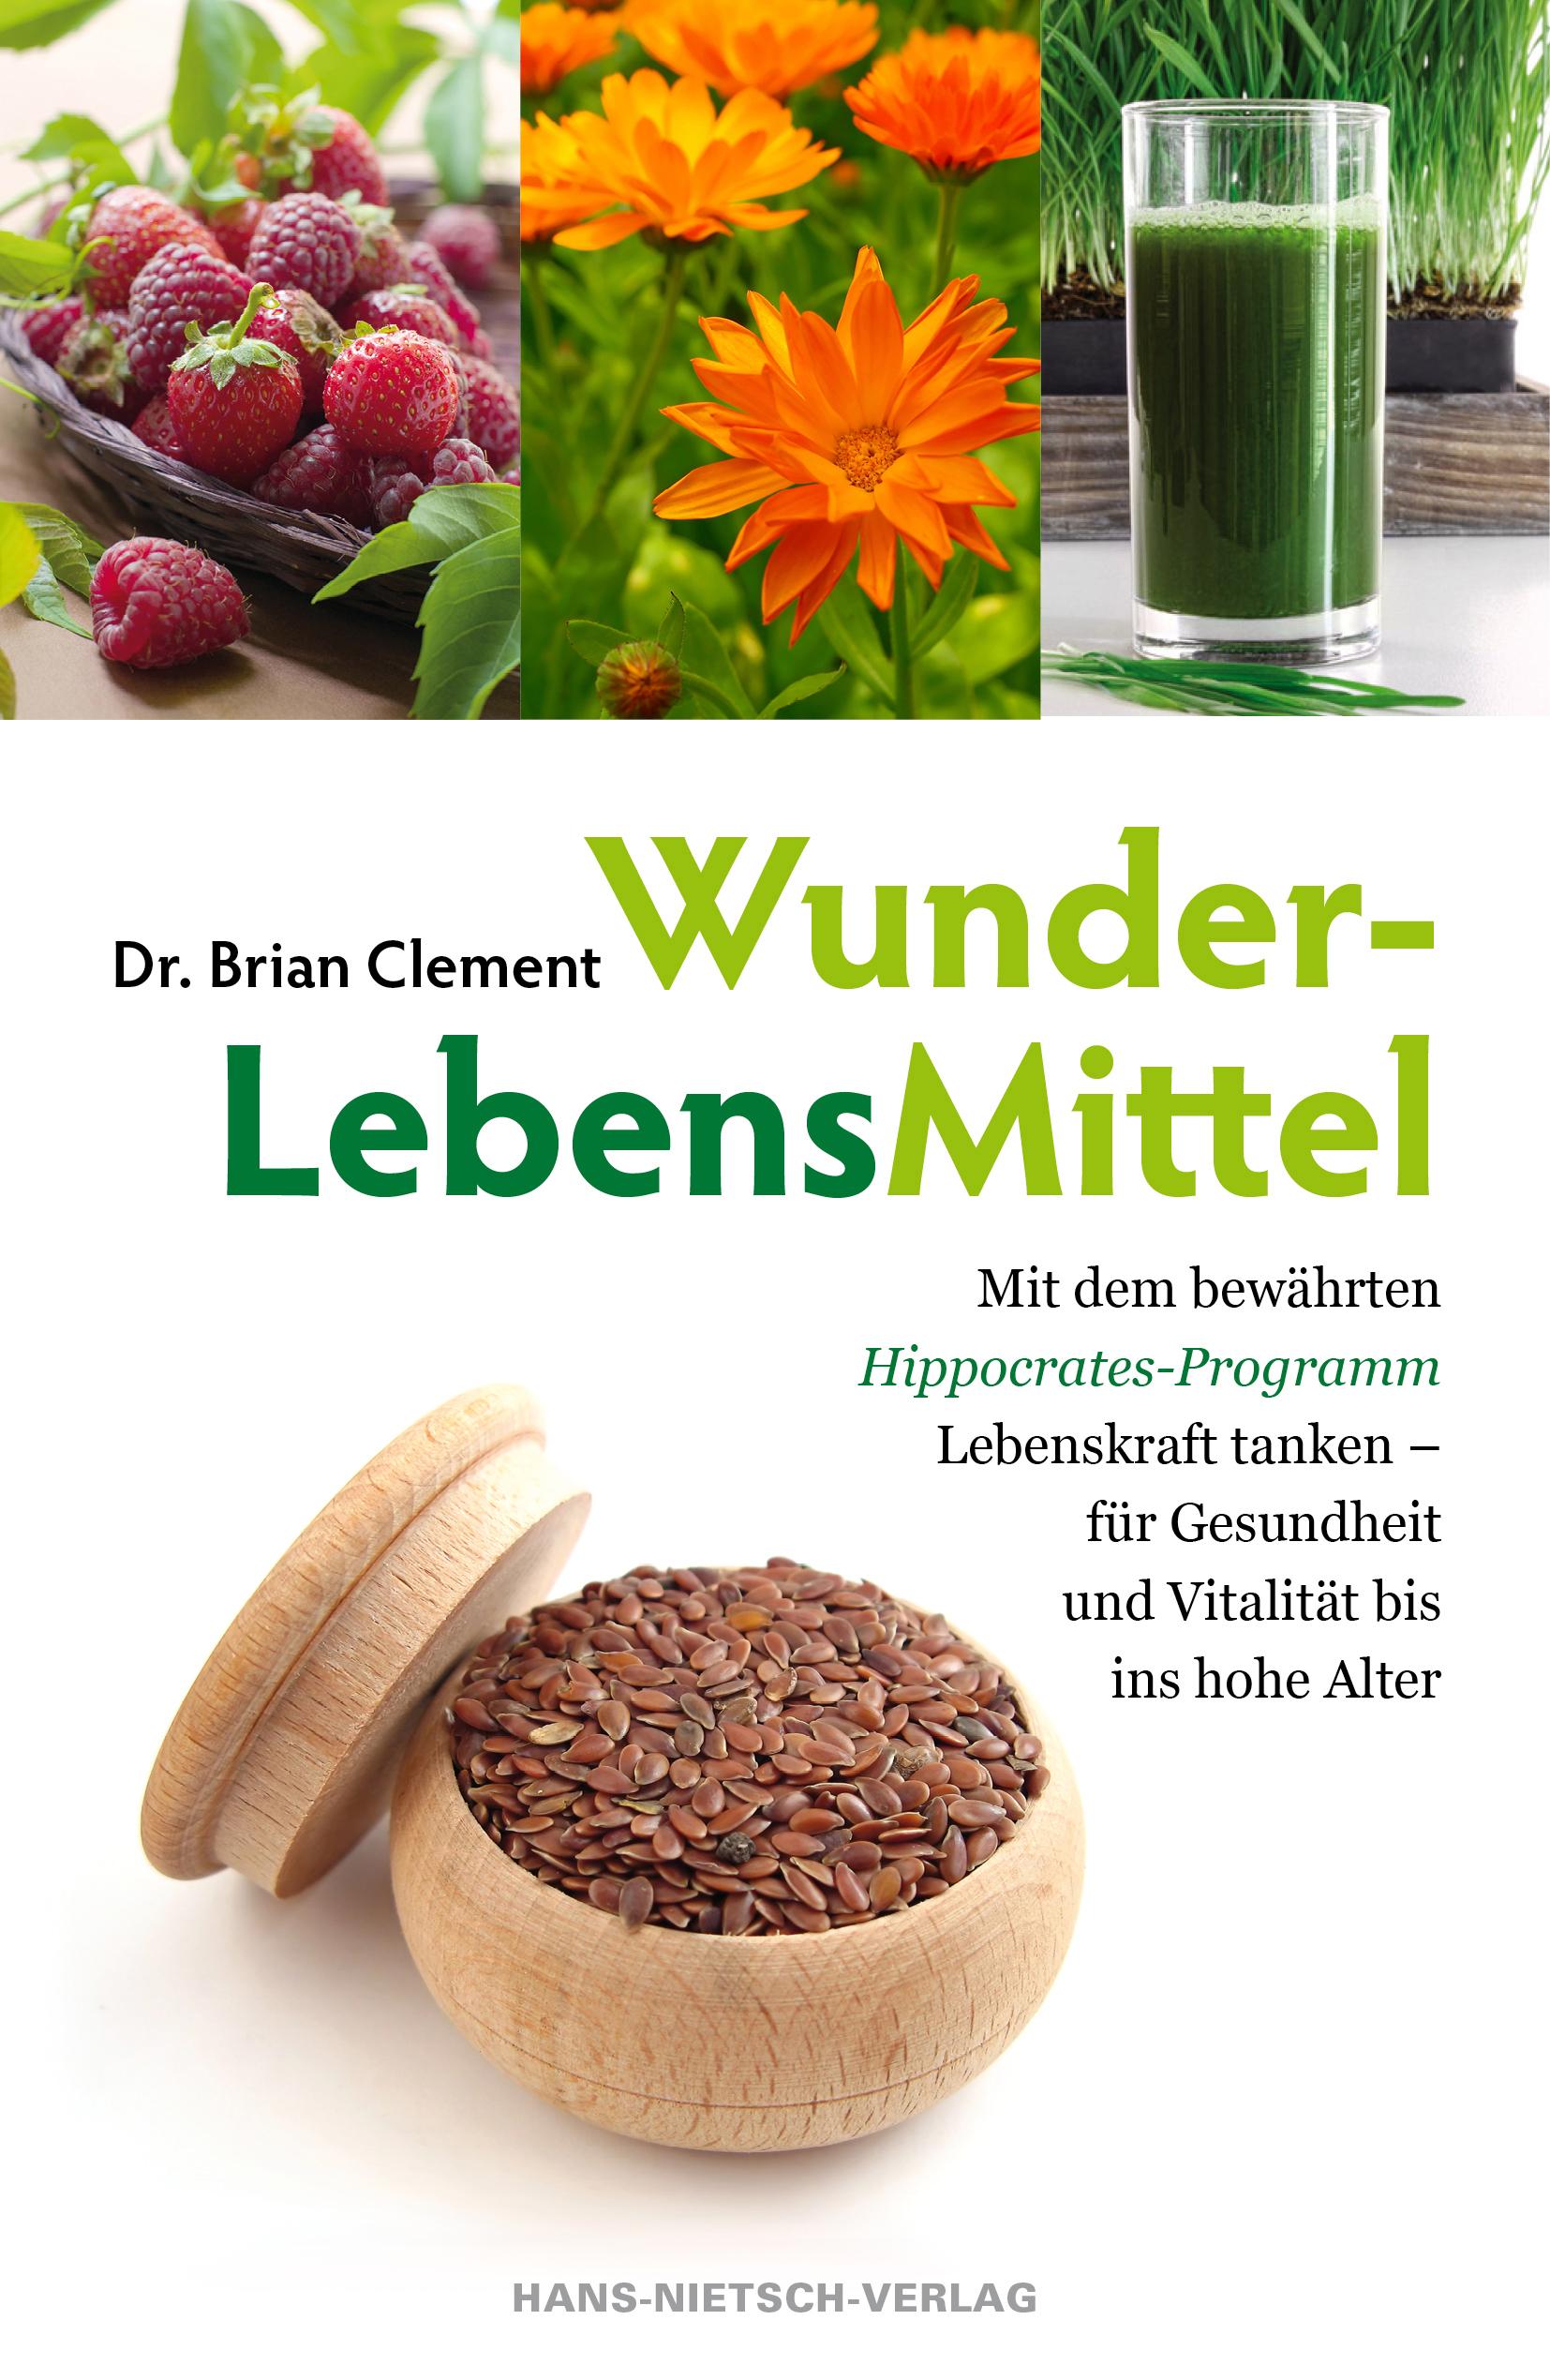 WunderLebensMittel - Mit dem bewährten Hippocrates-Programm Lebenskraft tanken - für Gesundheit und Vitalität bis ins ho